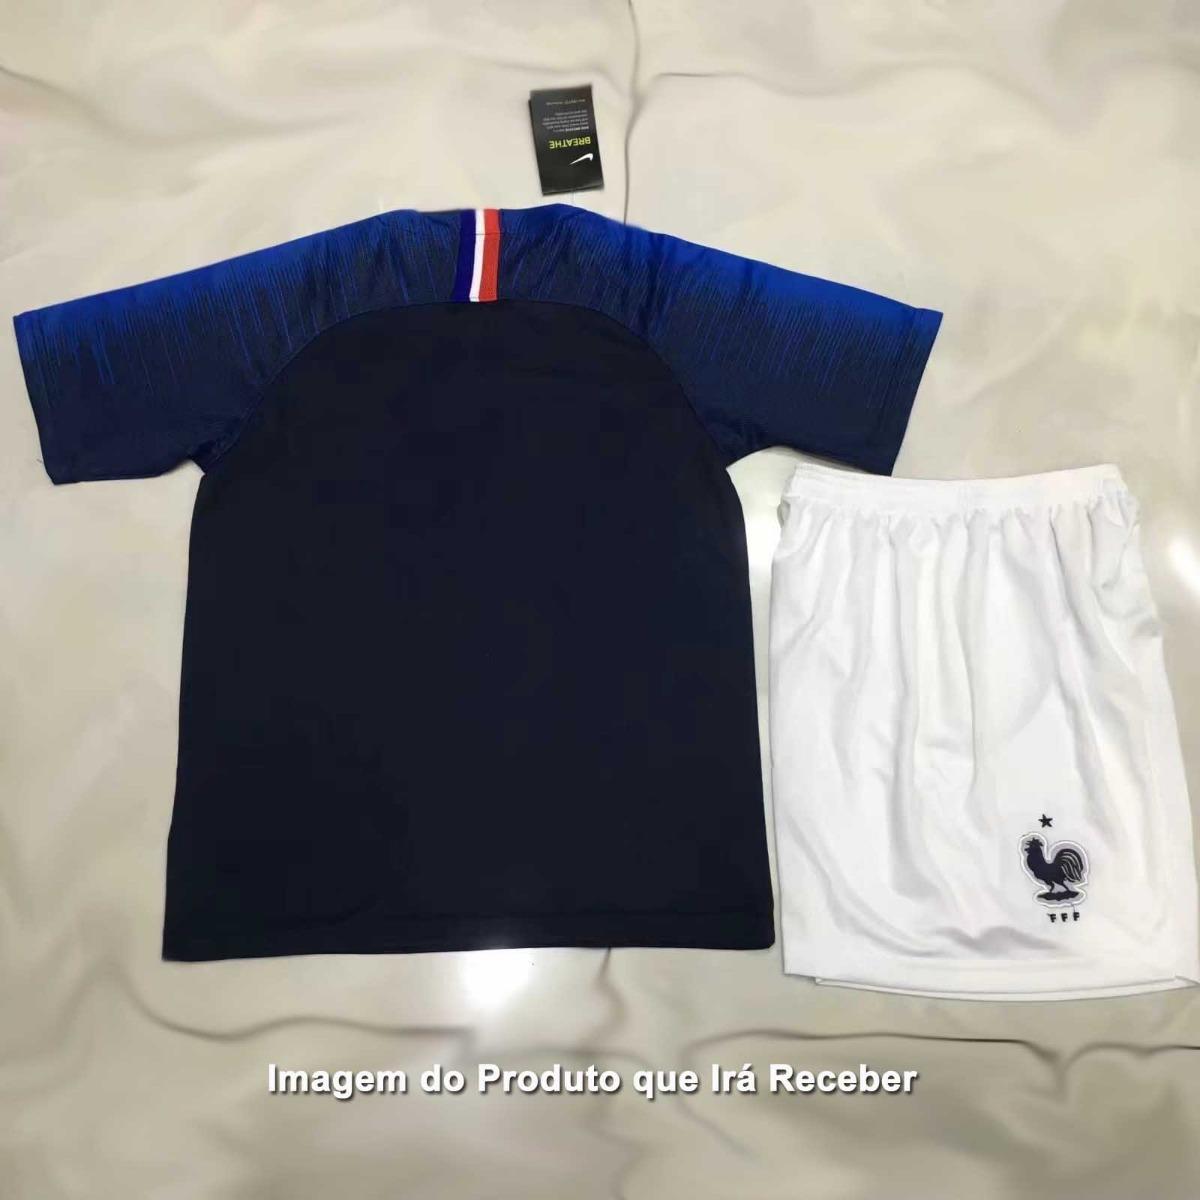 Uniforme Infantil Camisa E Shorts Seleção França Home 2018 - R  154 ... 0a0f2159dfcf6